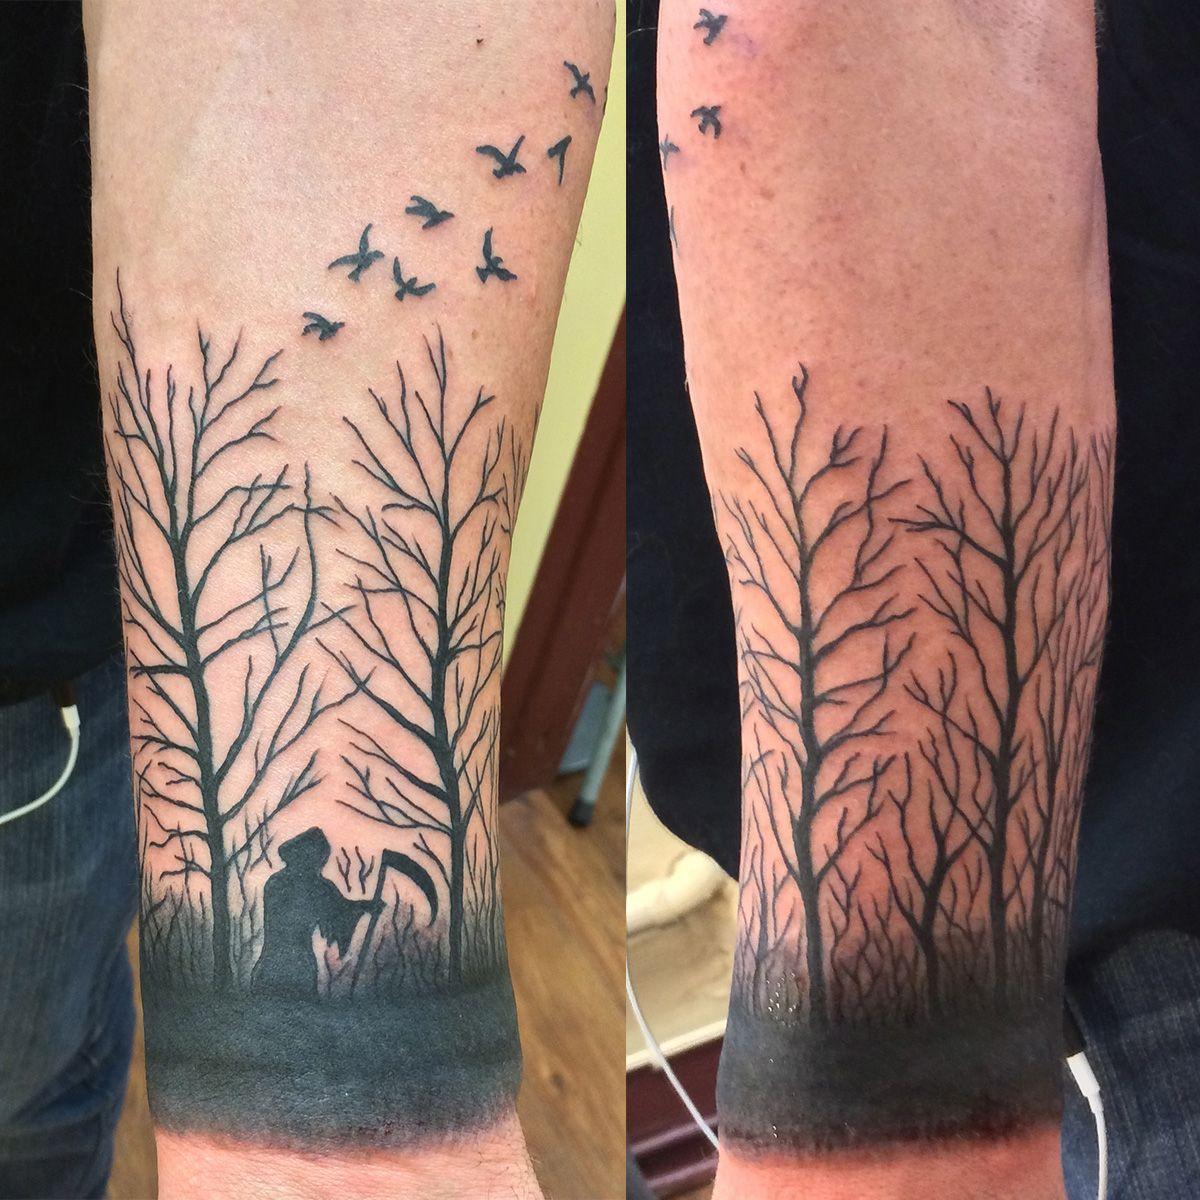 Dead trees birds tattoo by jon reed all saints tattoo